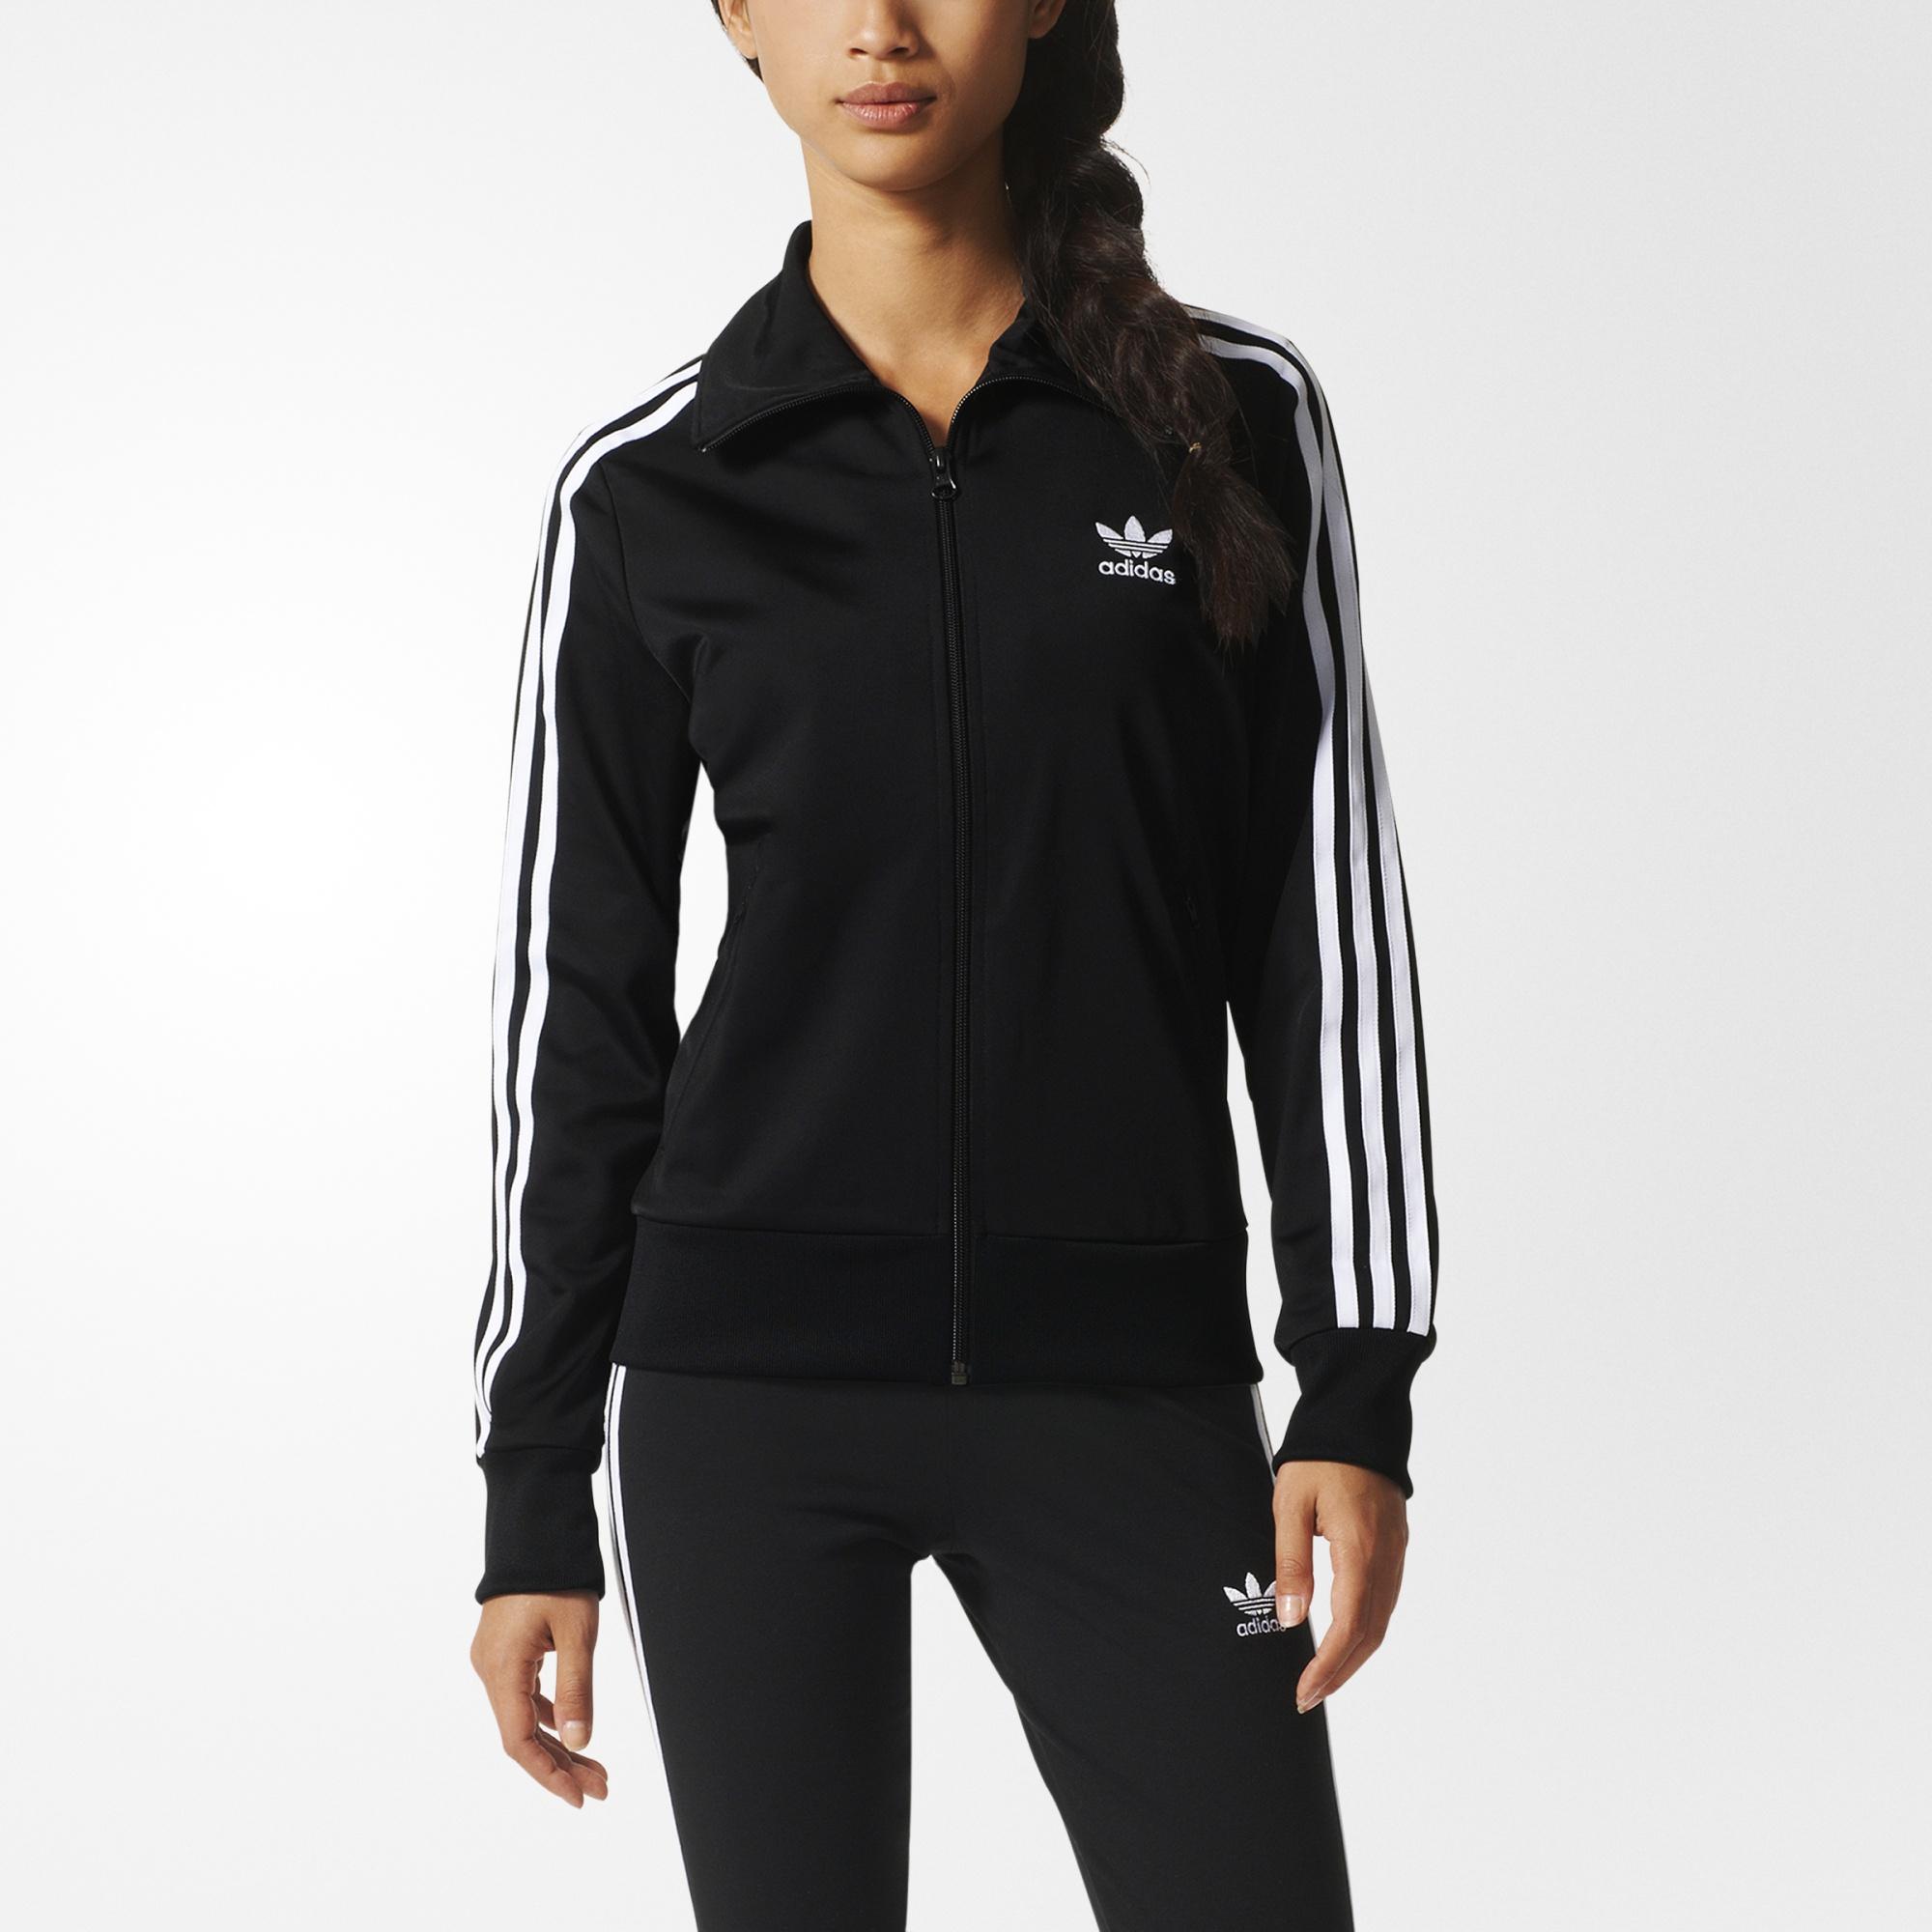 75a31fa8a49 adidas Firebird Trainingsjack - zwart | adidas Officiële Shop